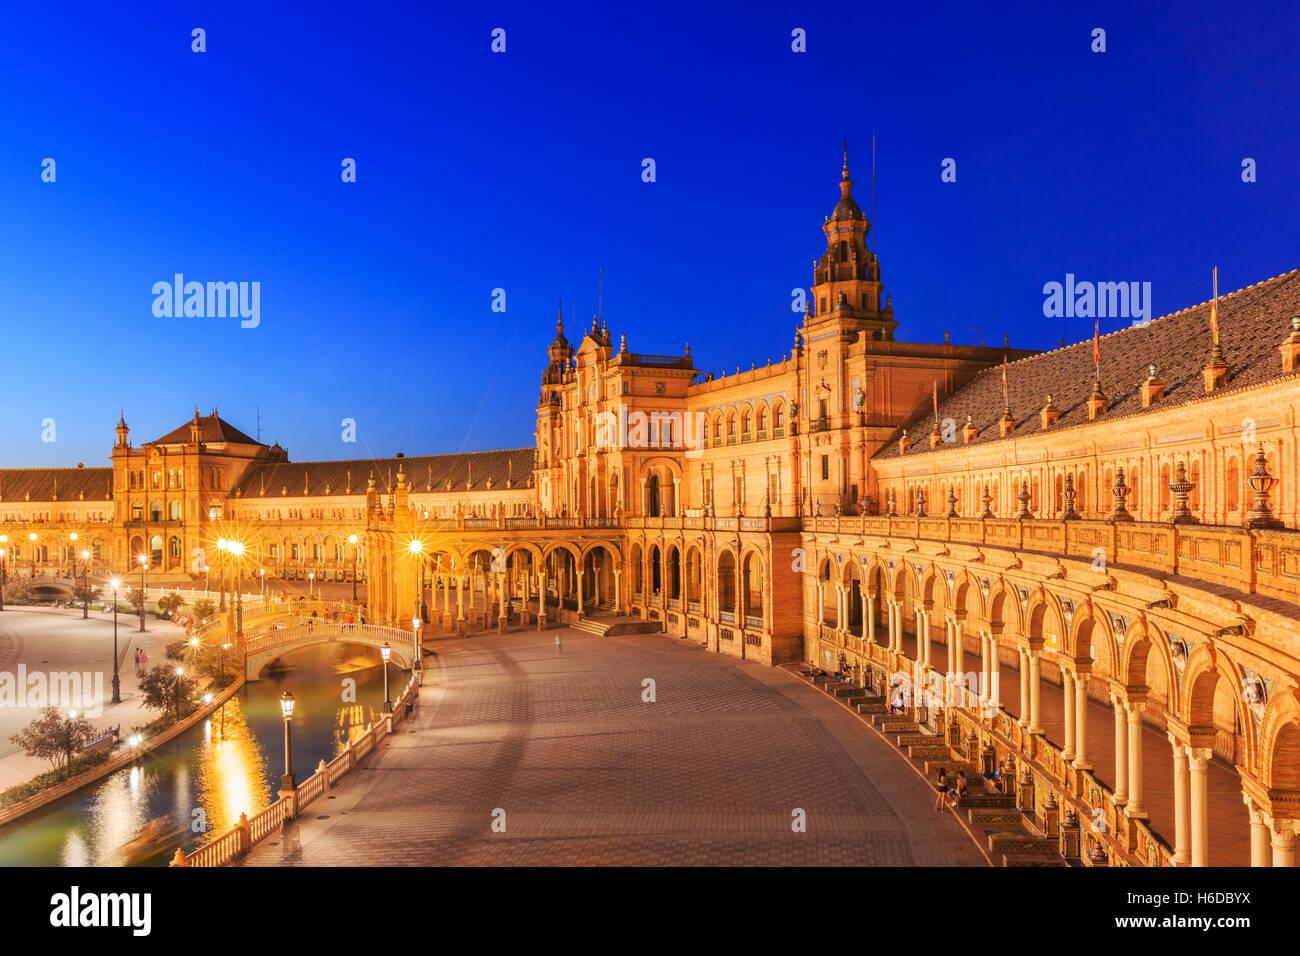 Siviglia, Spagna. Piazza di Spagna Immagini Stock